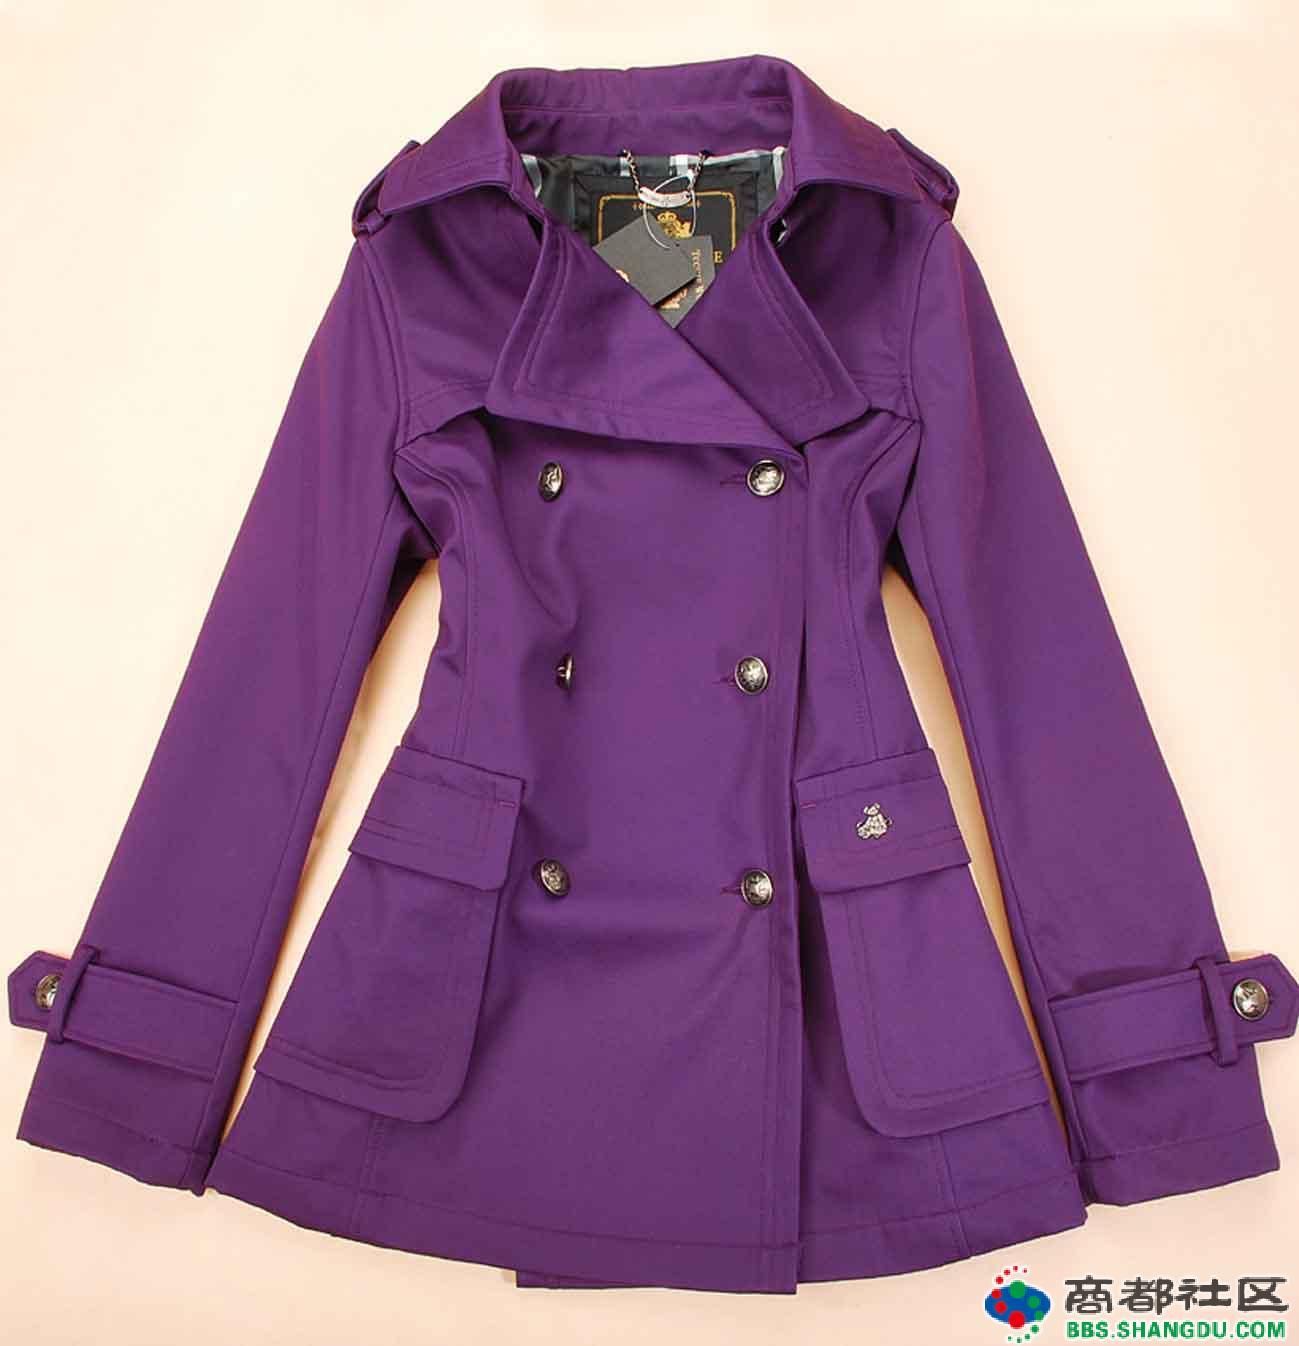 紫色半裙配什么上衣_紫色外套里面配什么颜色的衣服才好看?